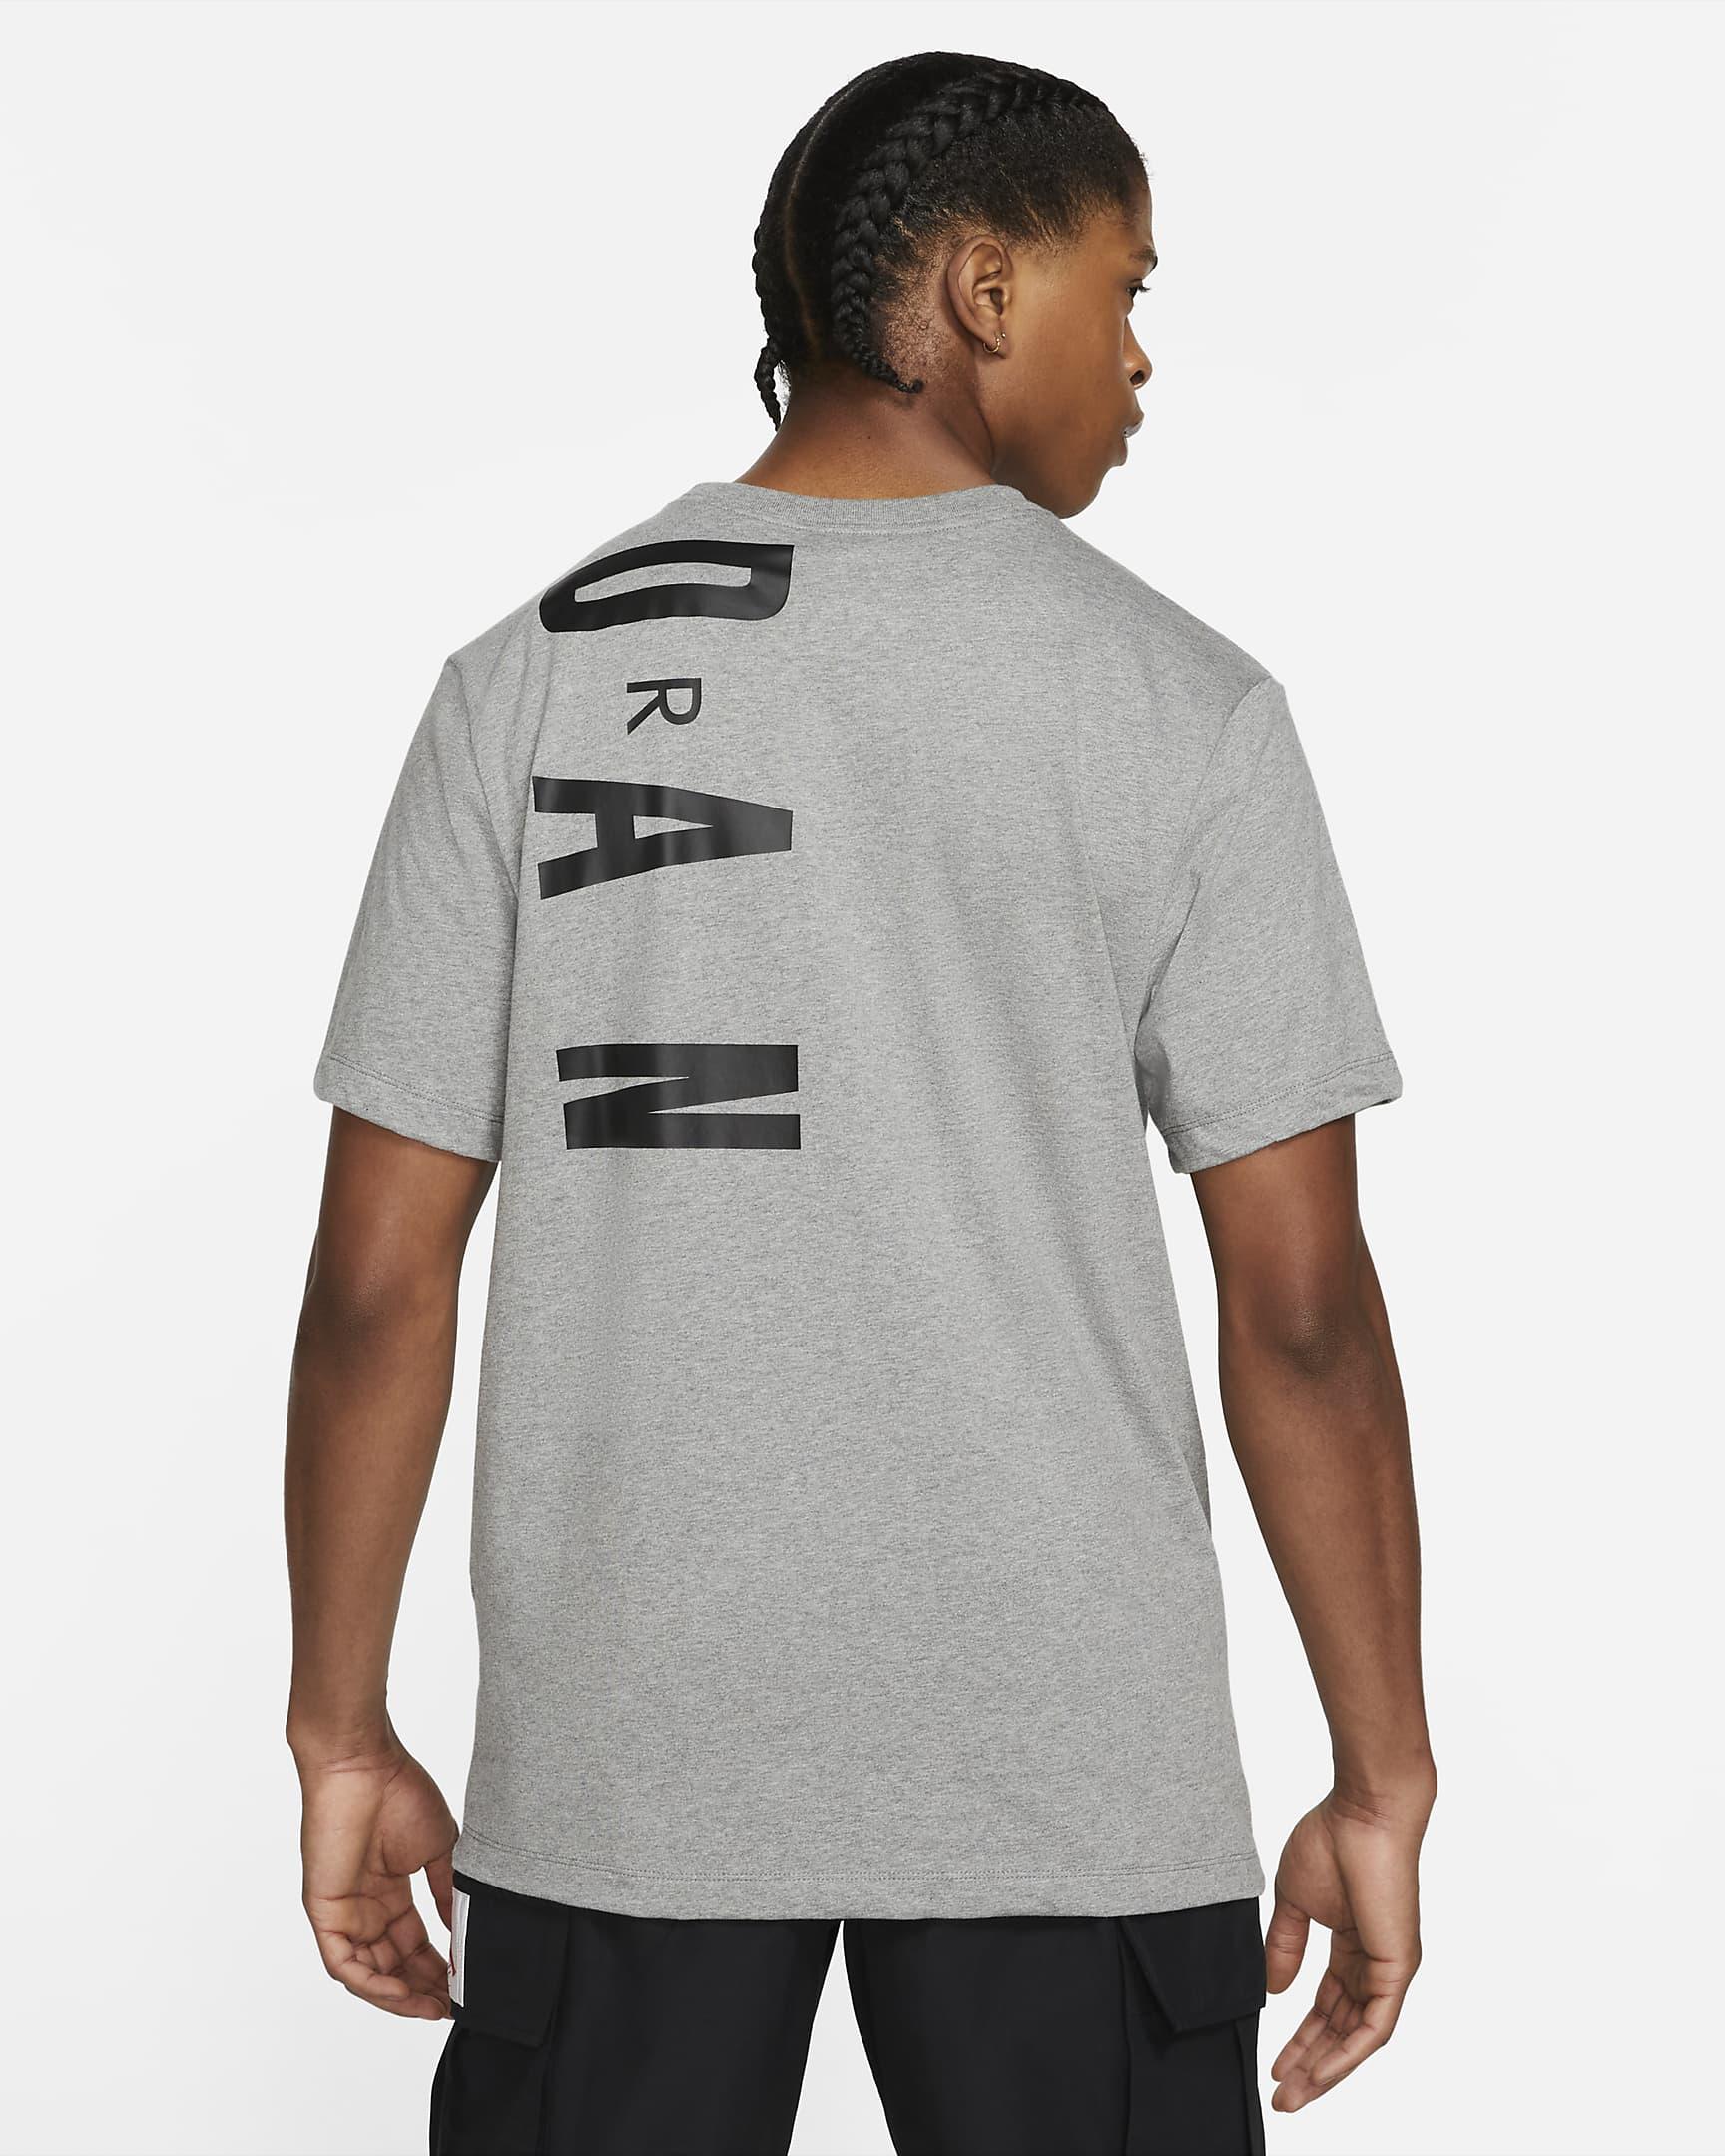 jordan-air-mens-short-sleeve-t-shirt-4hsmdX-1.png